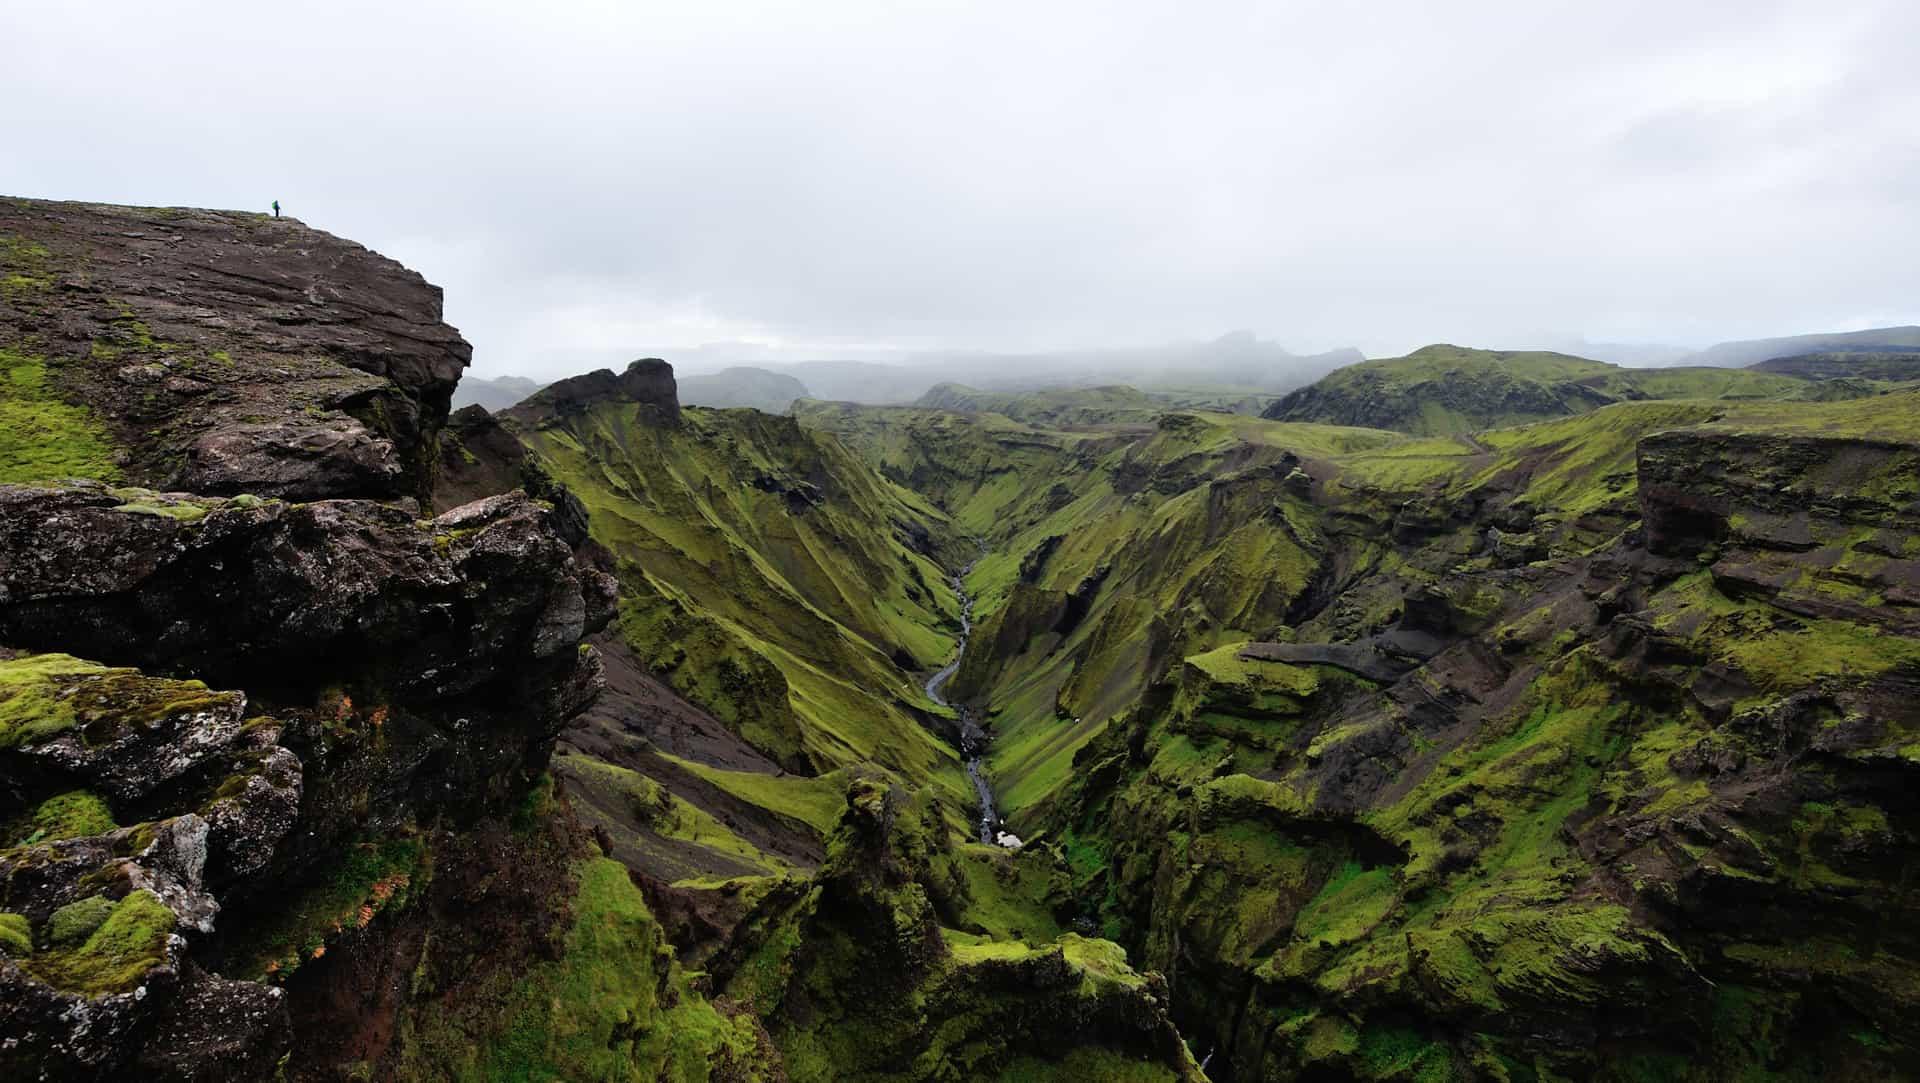 Thakgil Hiking in Iceland